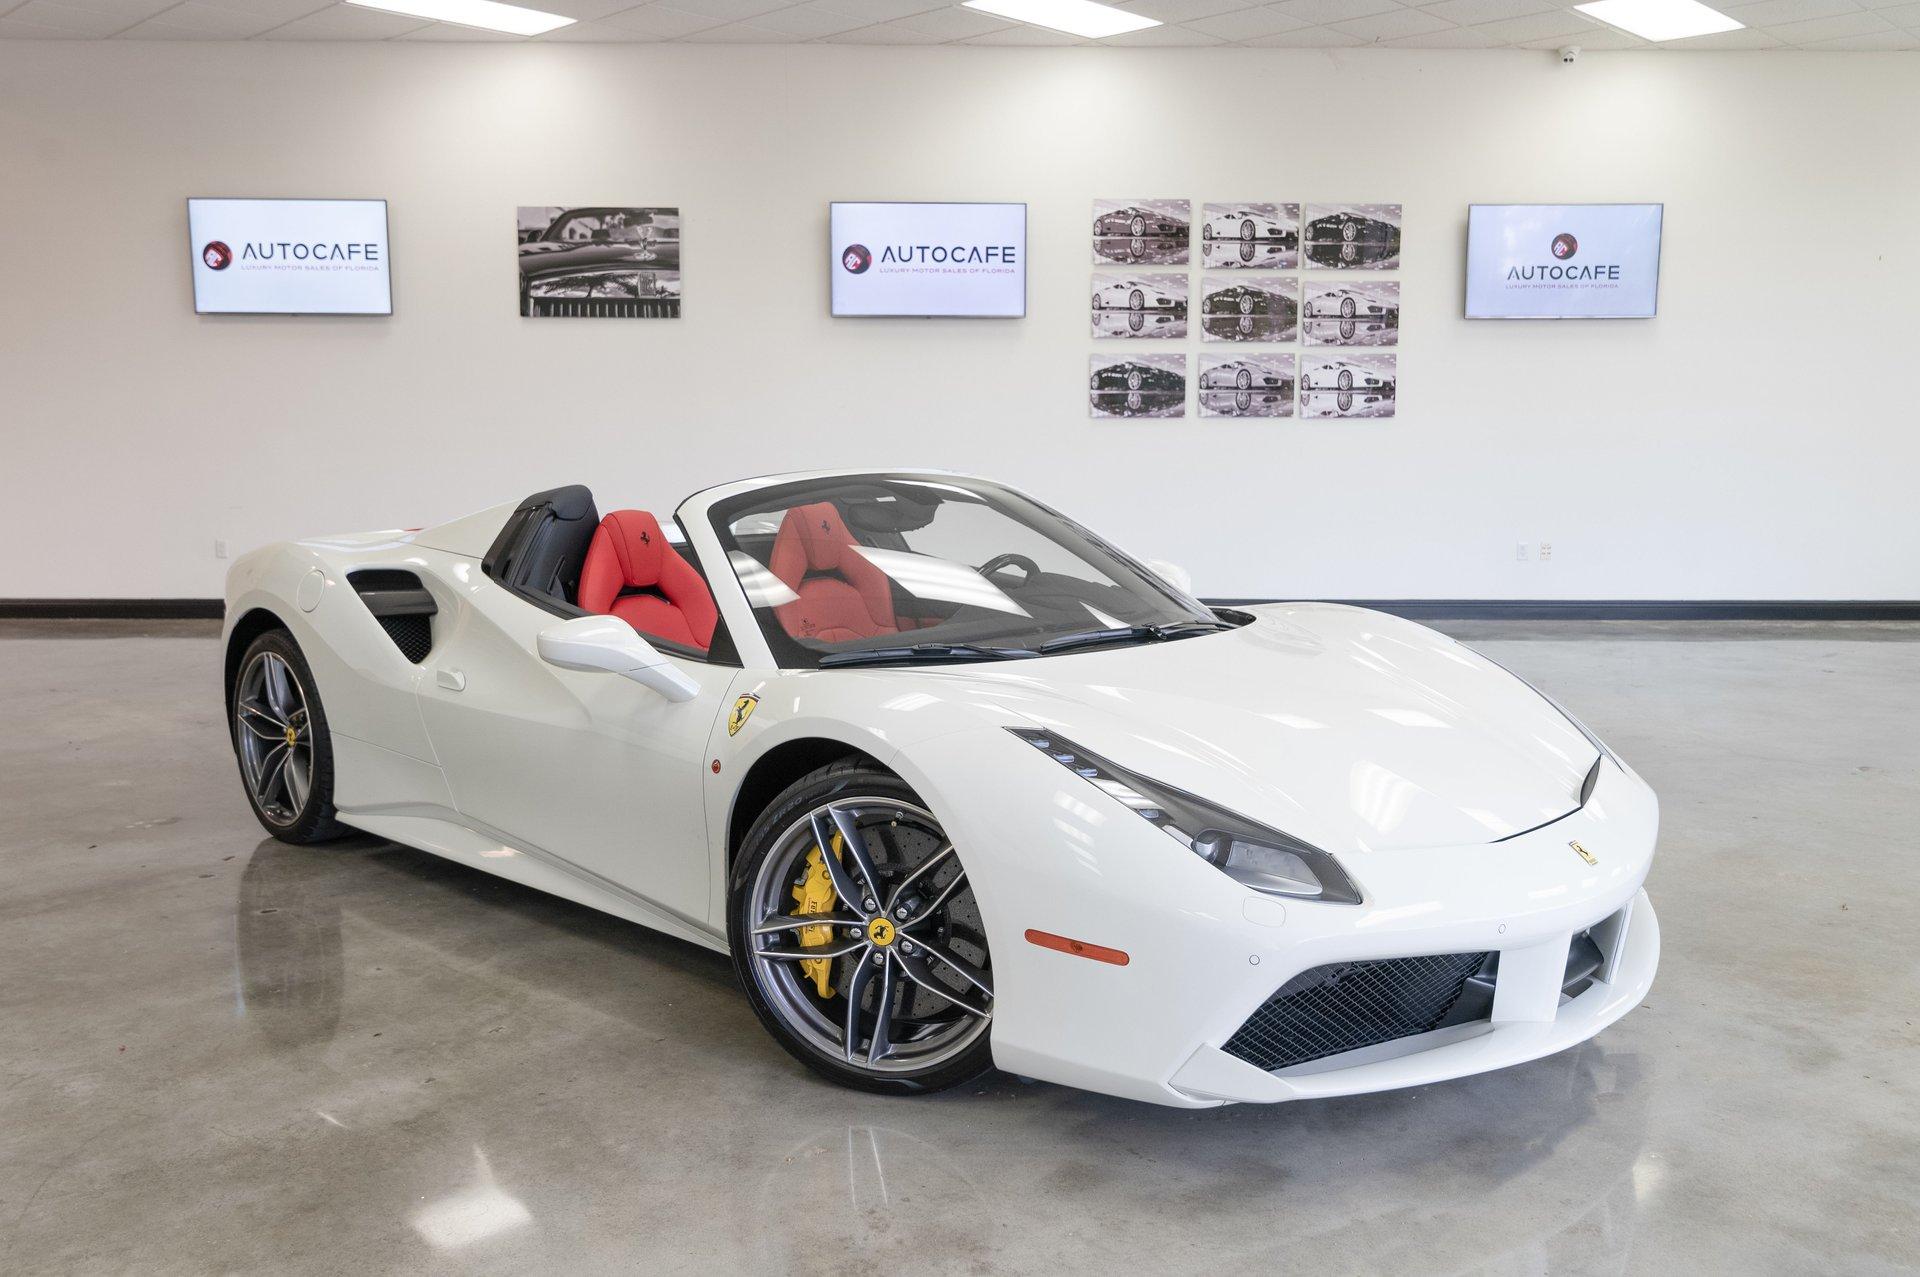 2018 Ferrari 488 Spider Auto Cafe